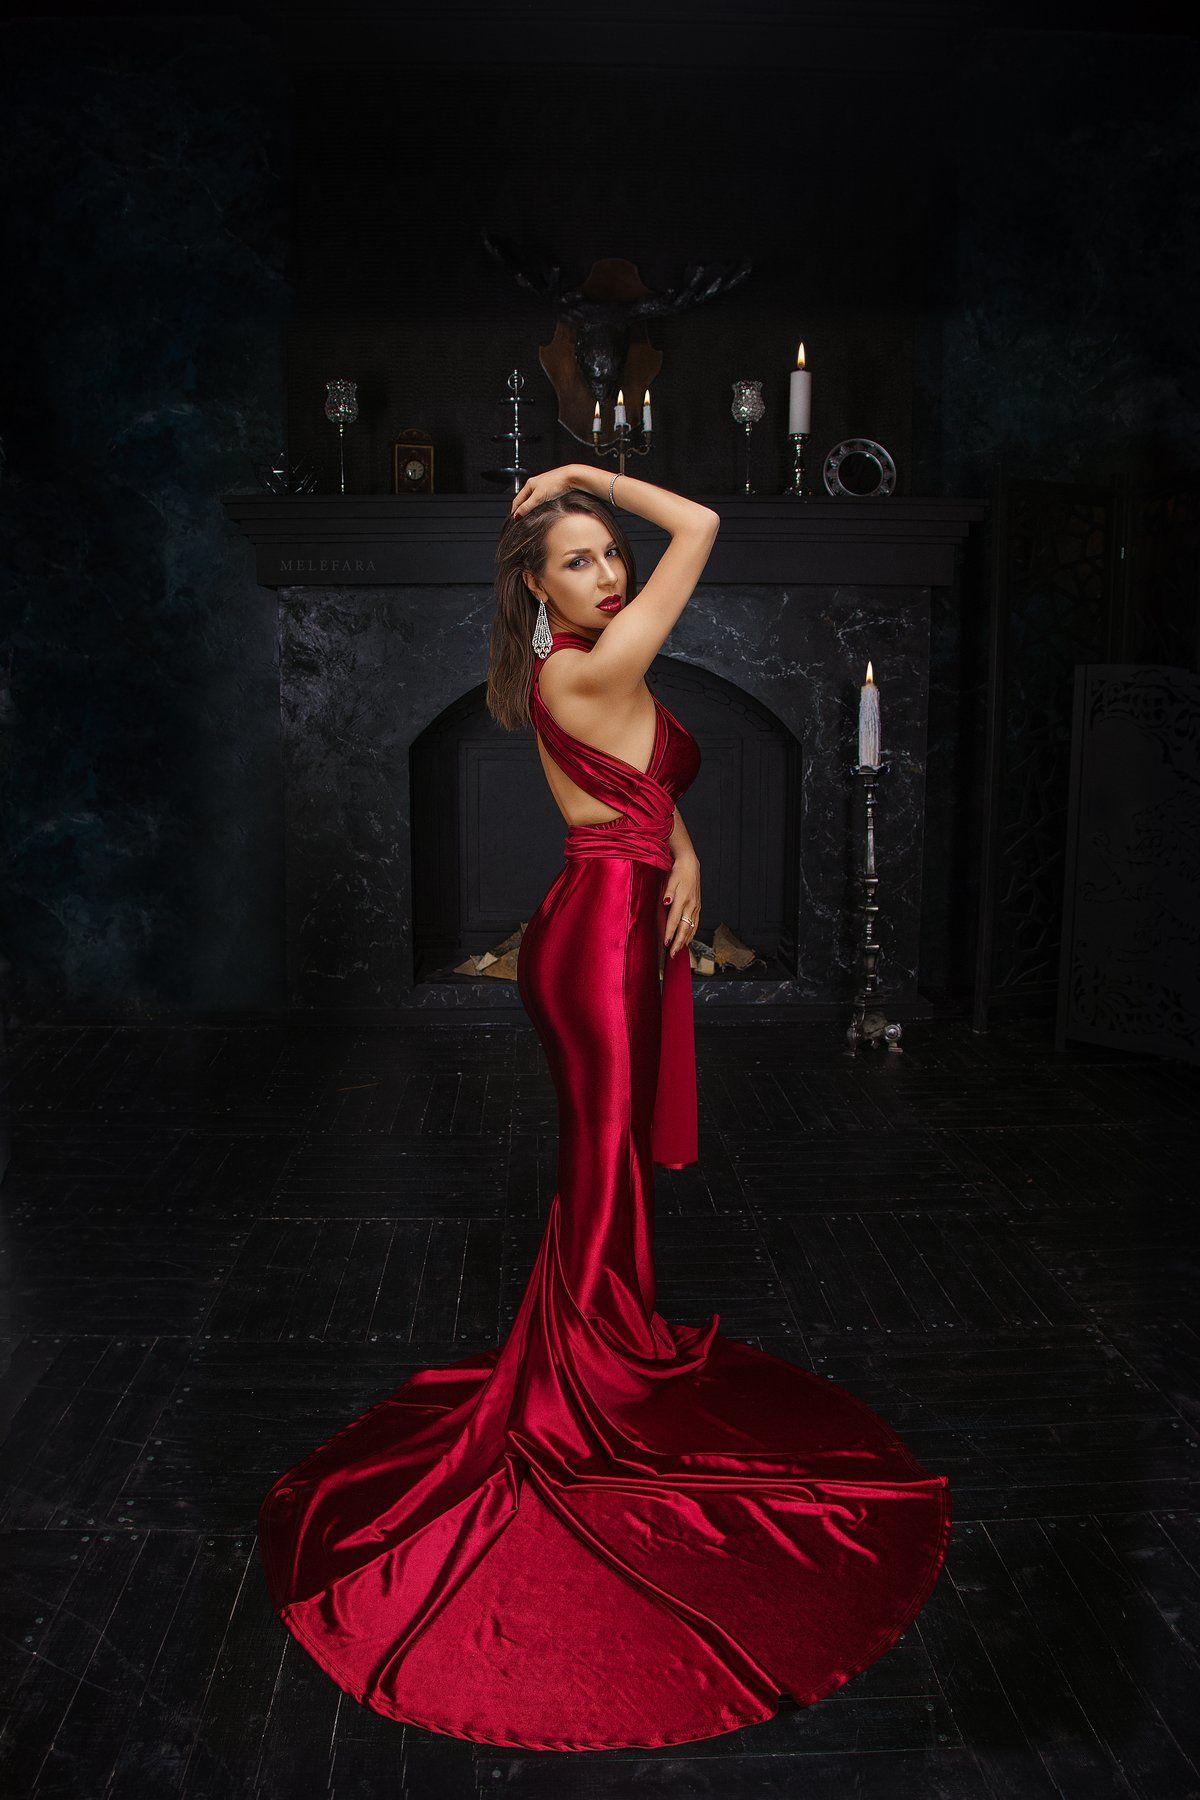 портрет, portrait, woman, beautiful, красивая , жизнь , life, red, dress, Сергей Мелефара